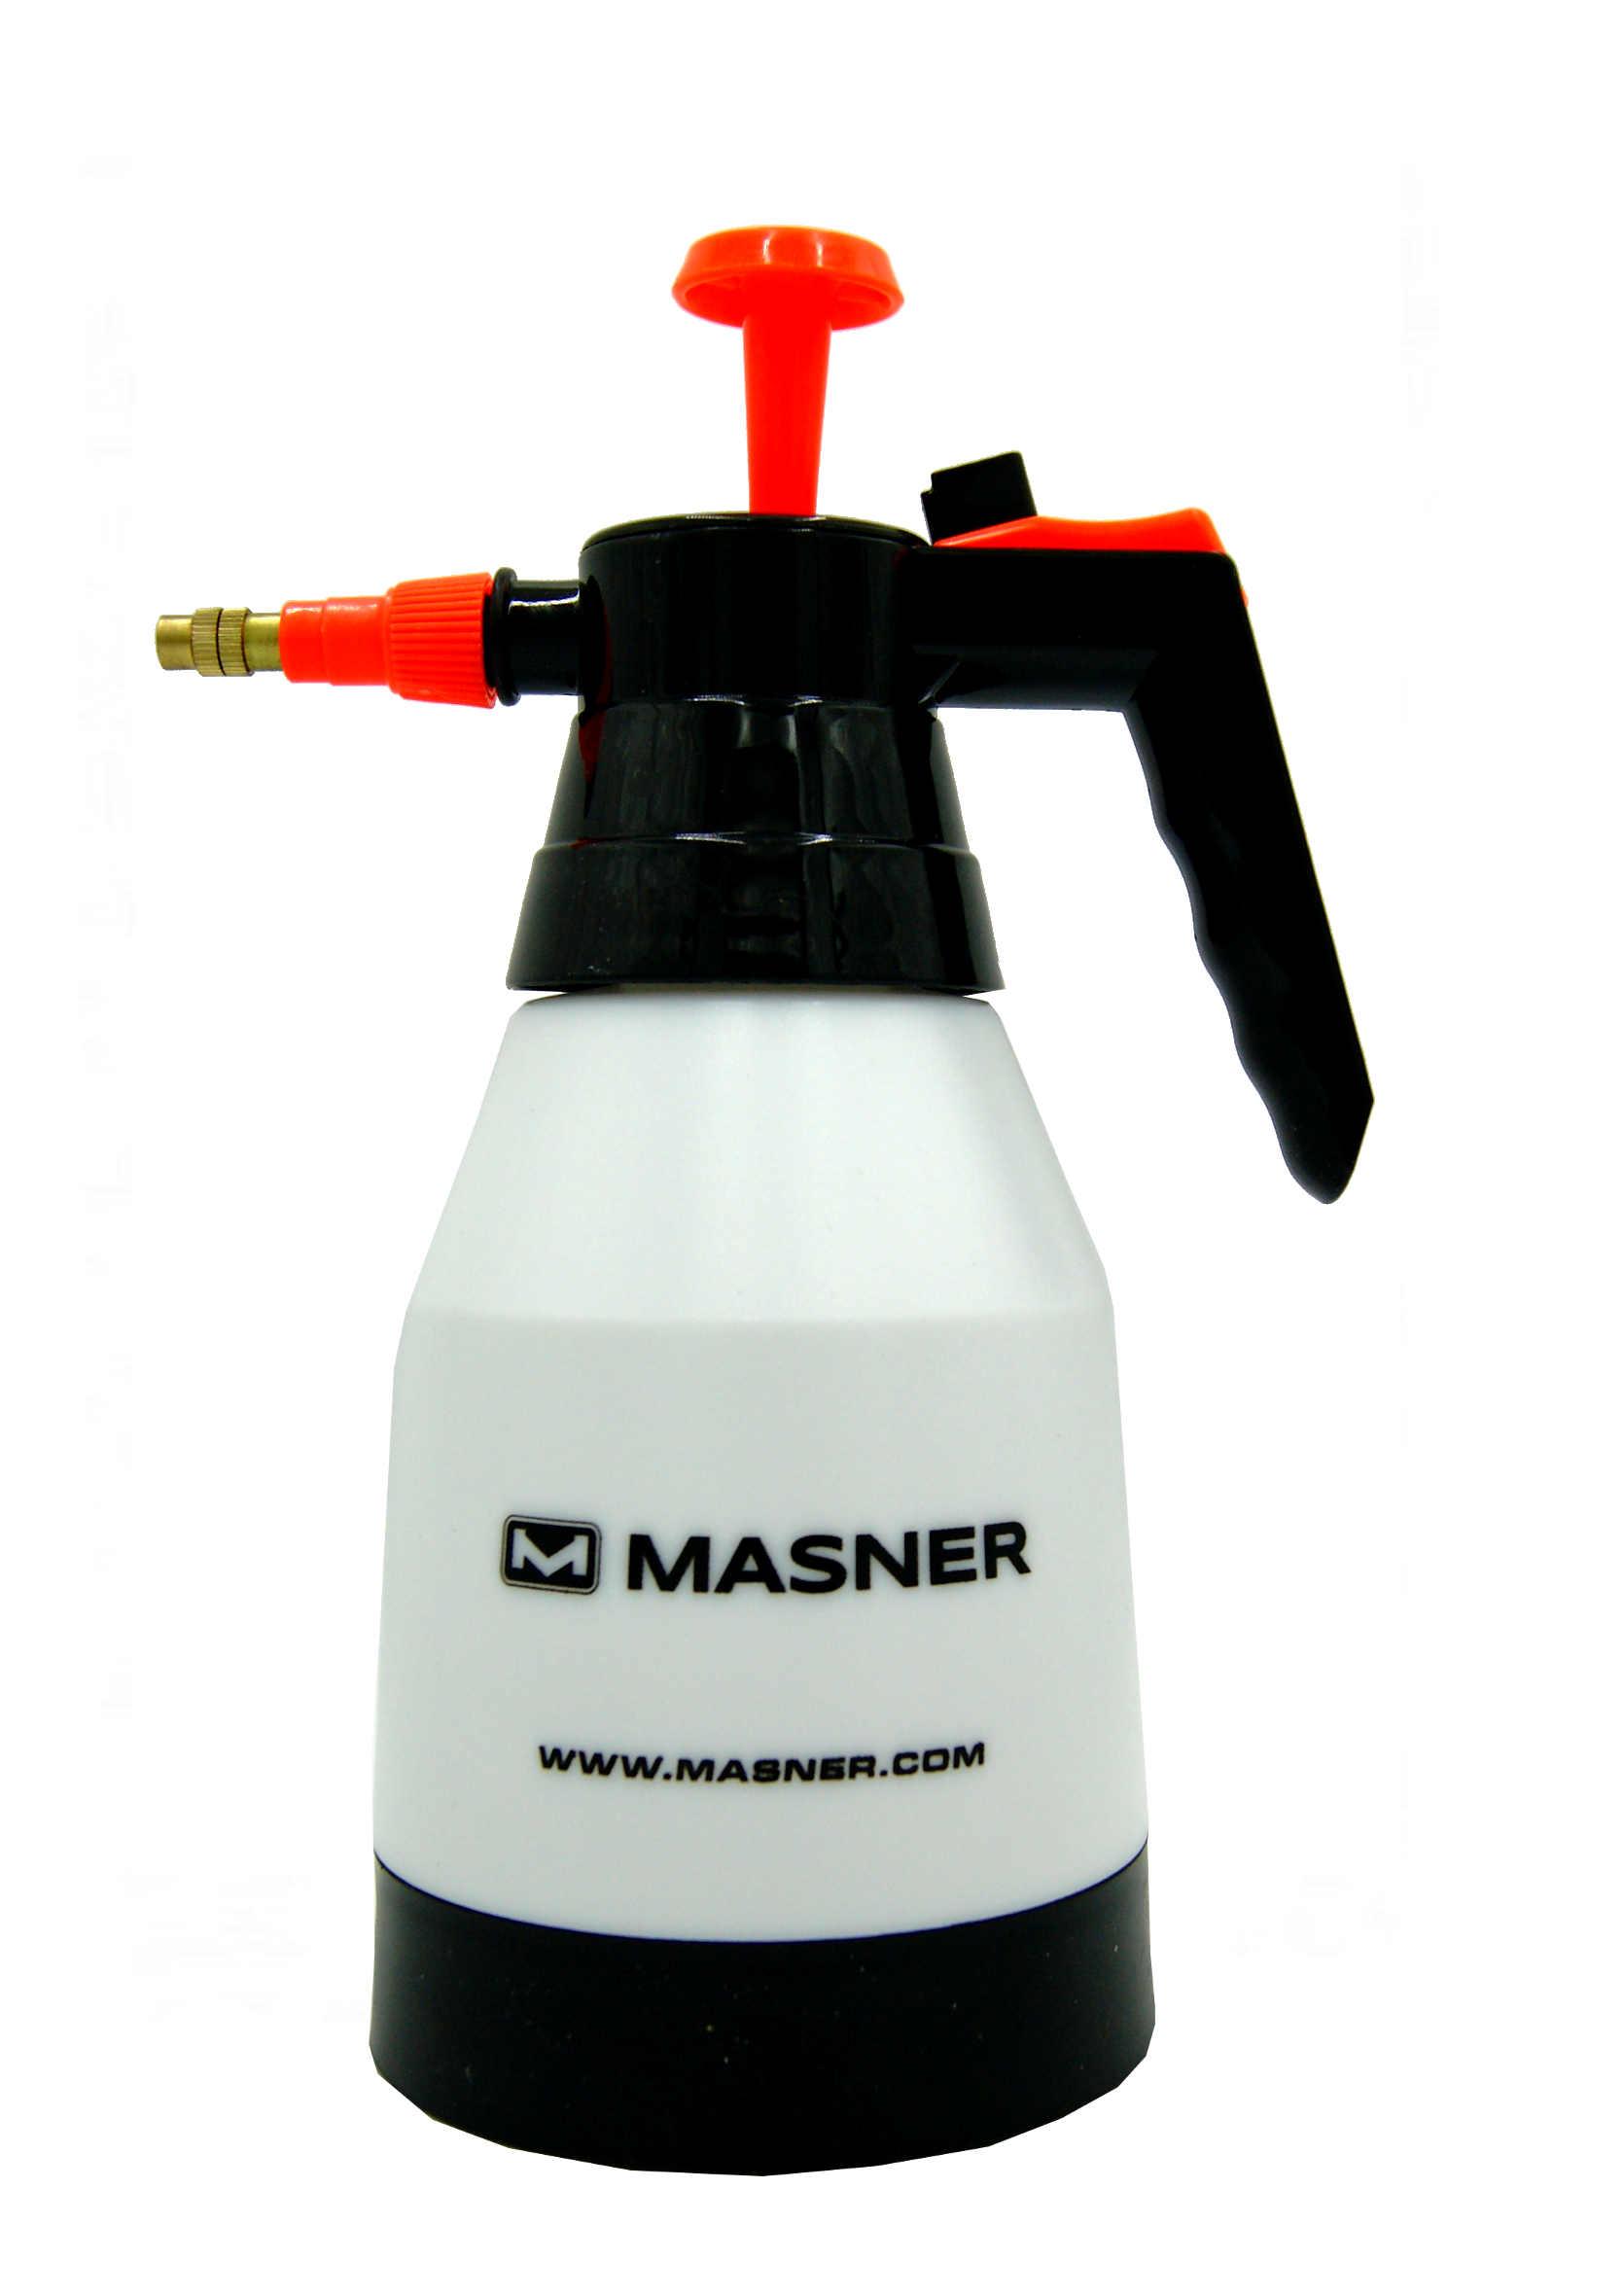 K2 Masner Opryskiwacz Ciśnieniowy Ręczny 1L do Aplikacji Lekkiej Chemii